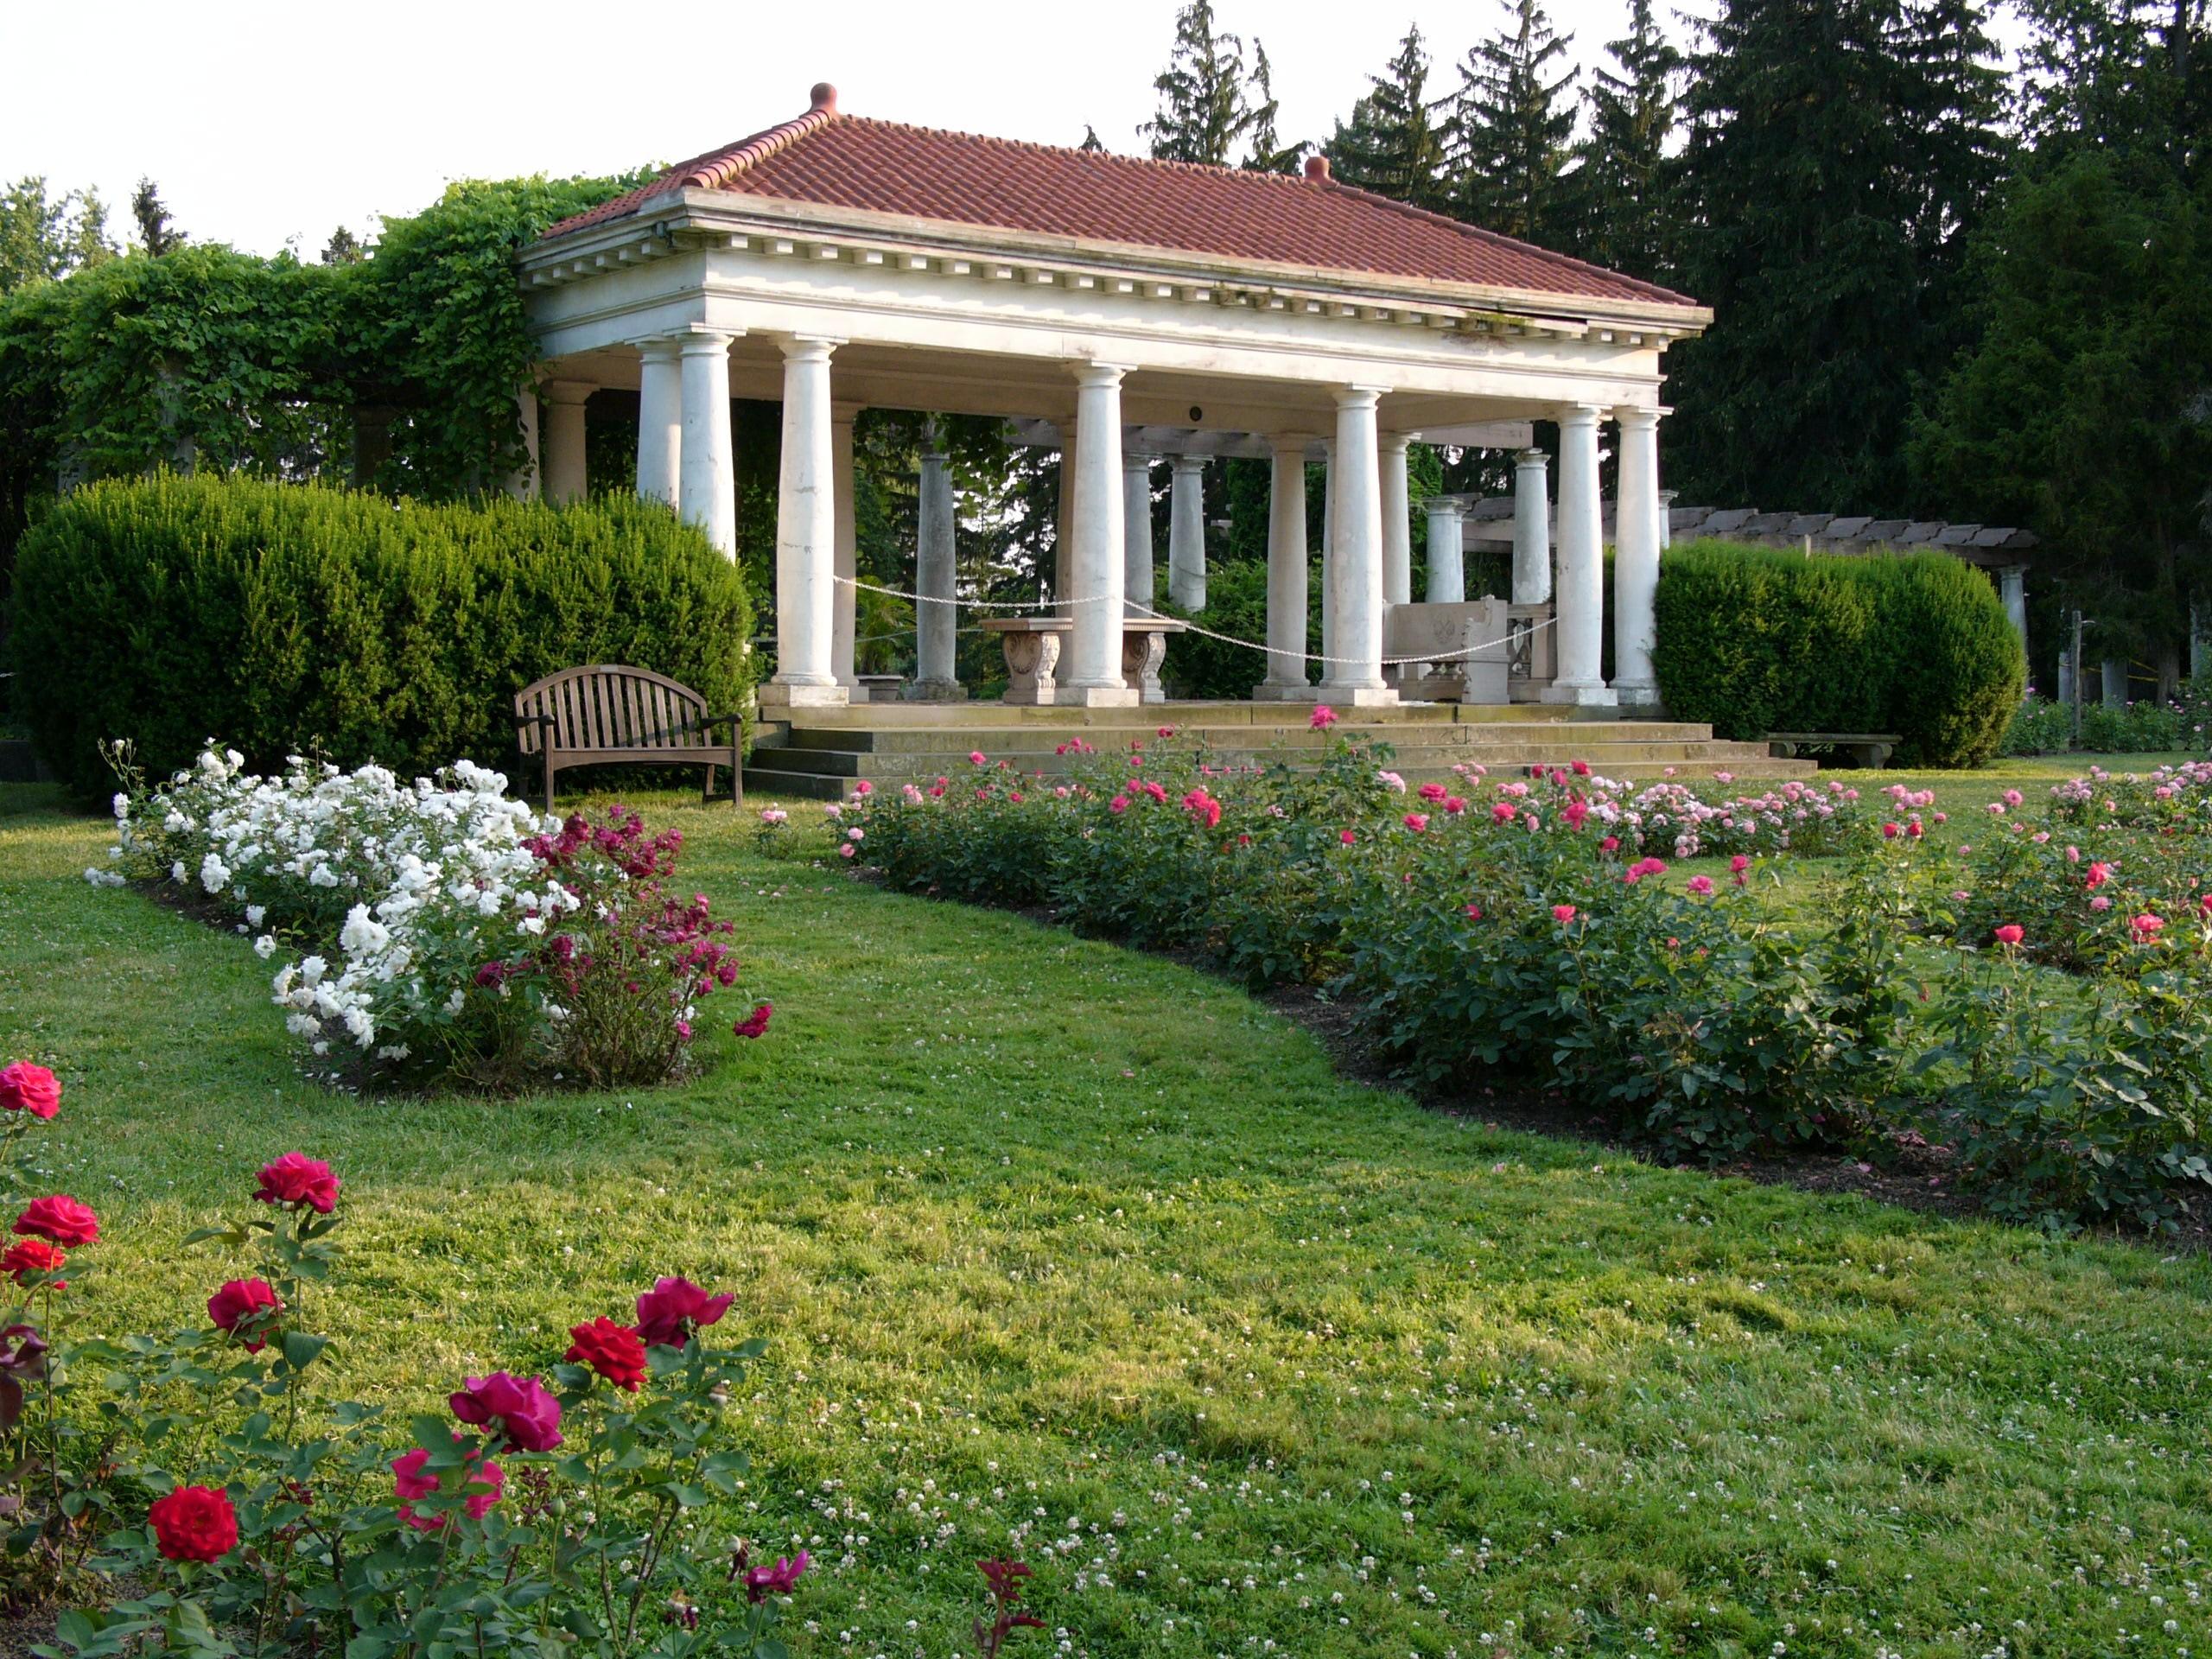 belvedere-overlooking-rose-garden_6685040843_o